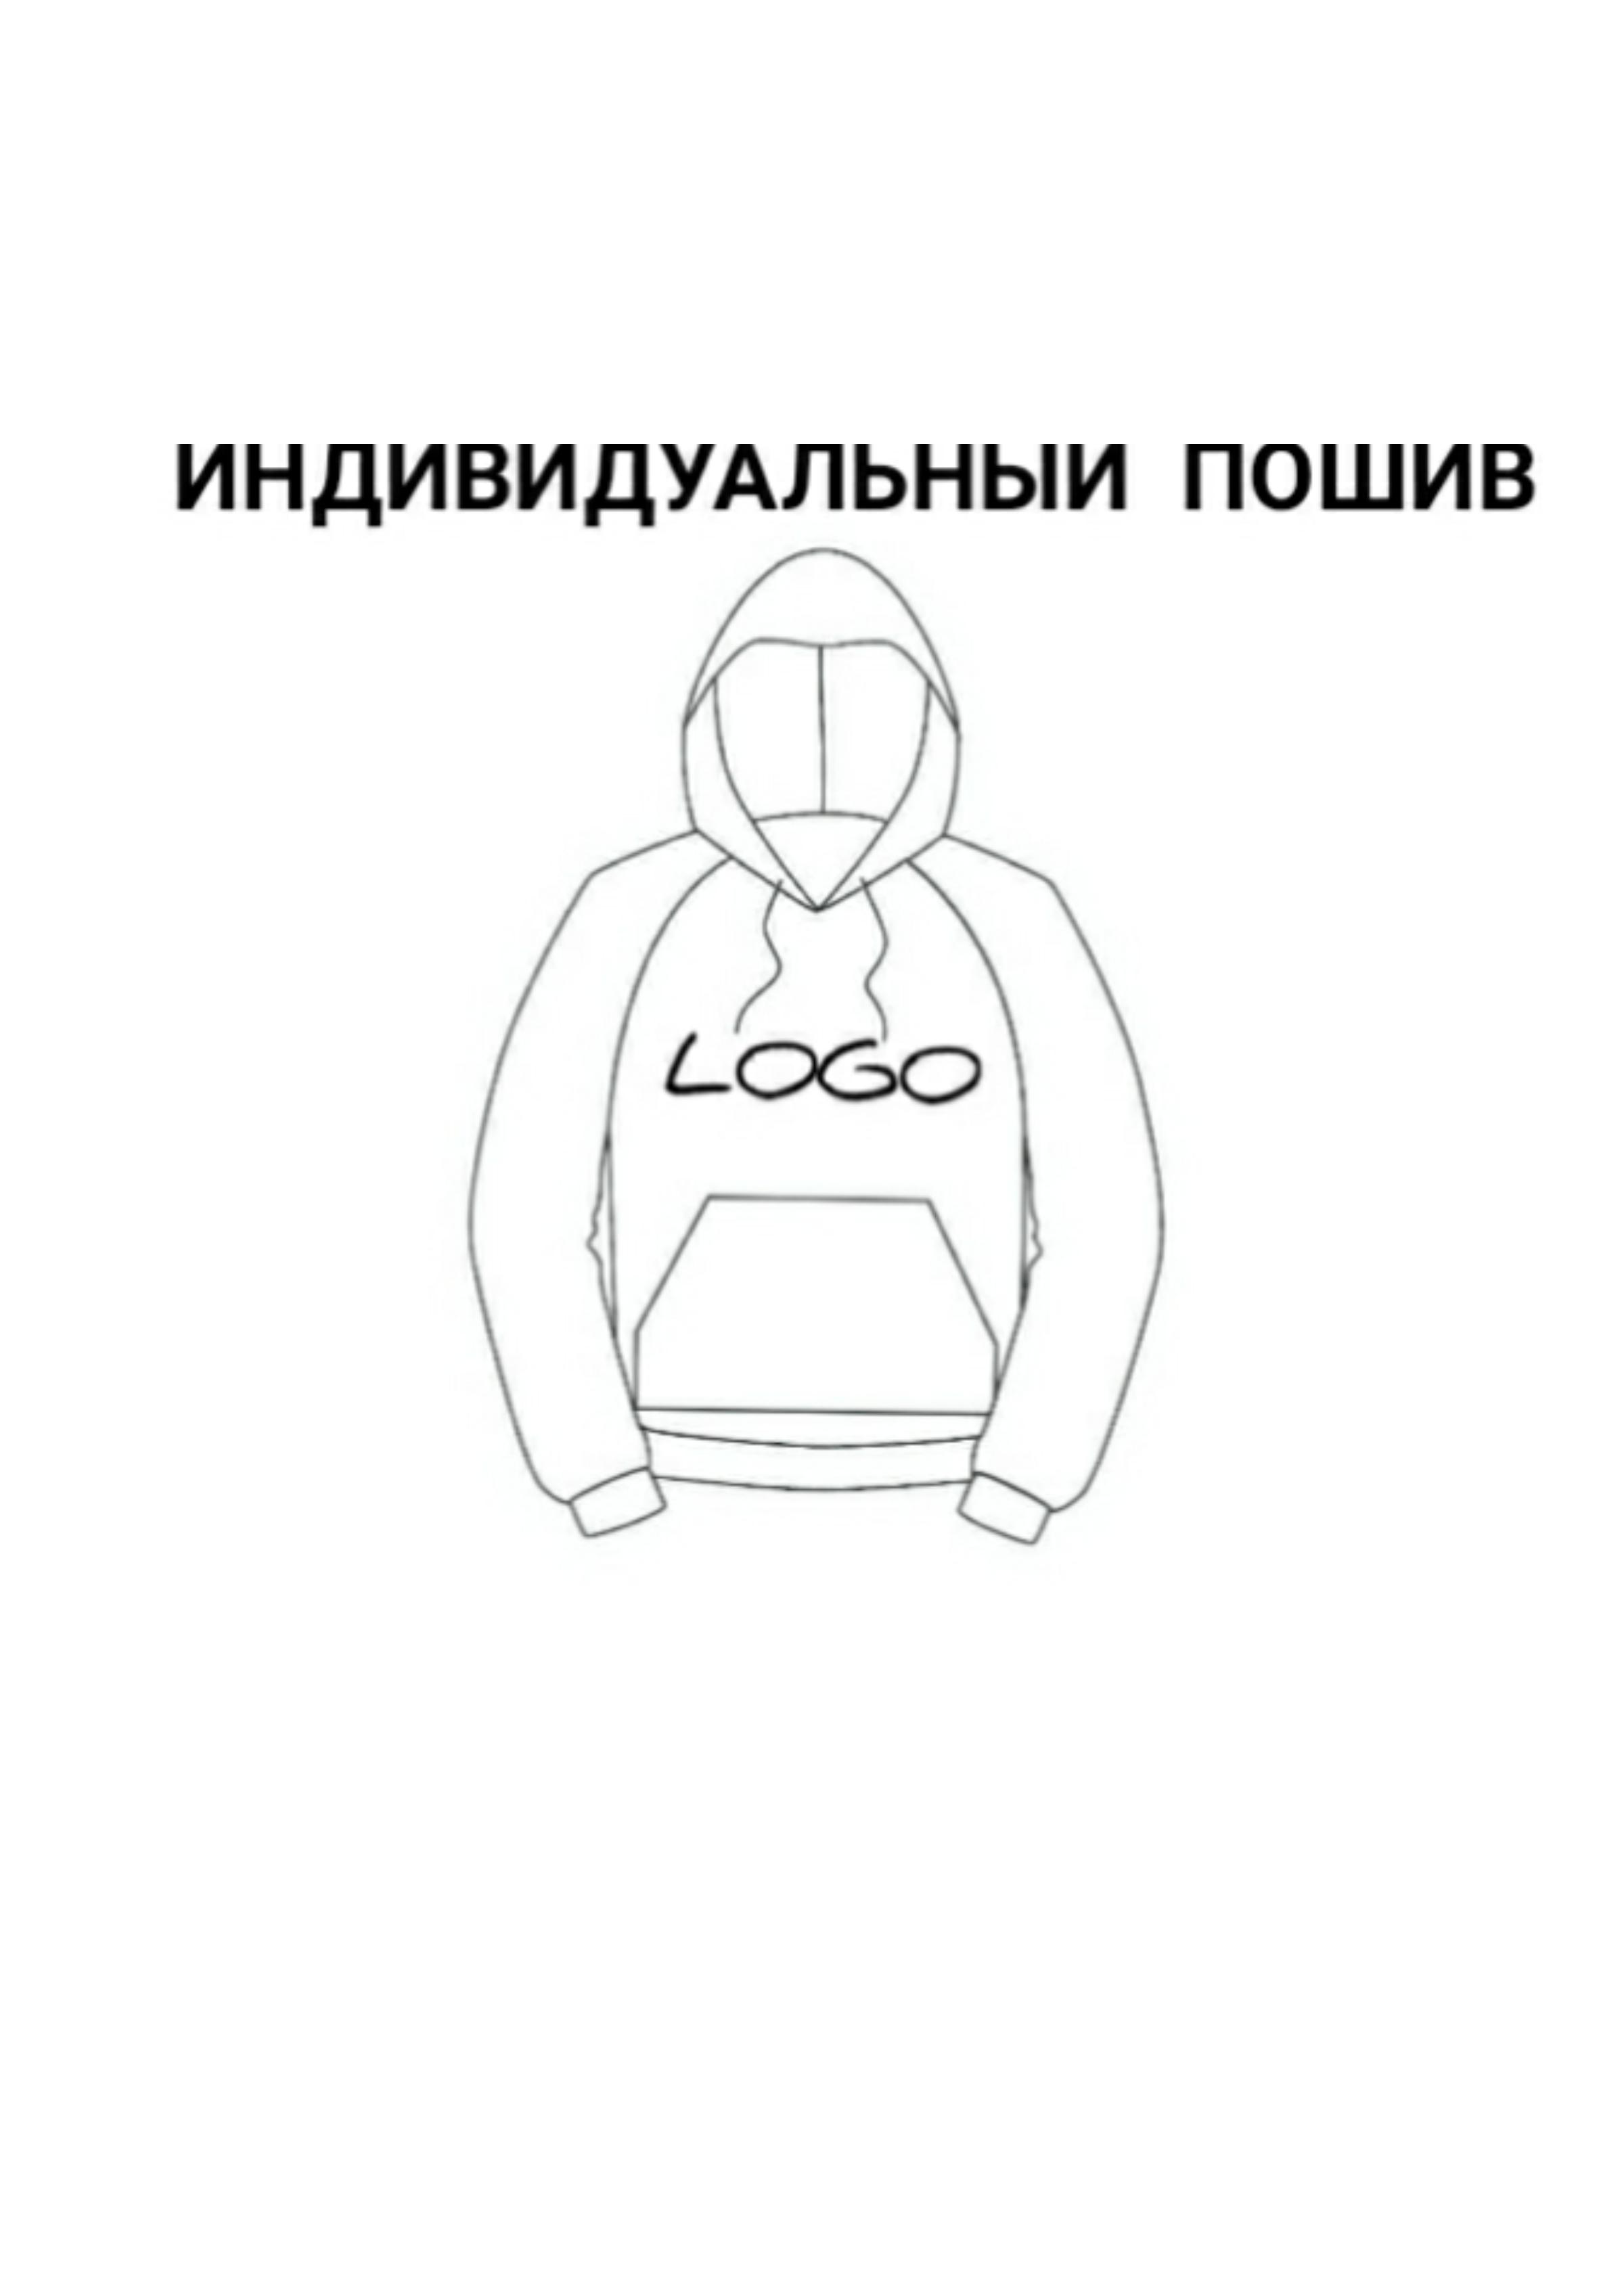 Производство одежды под заказ